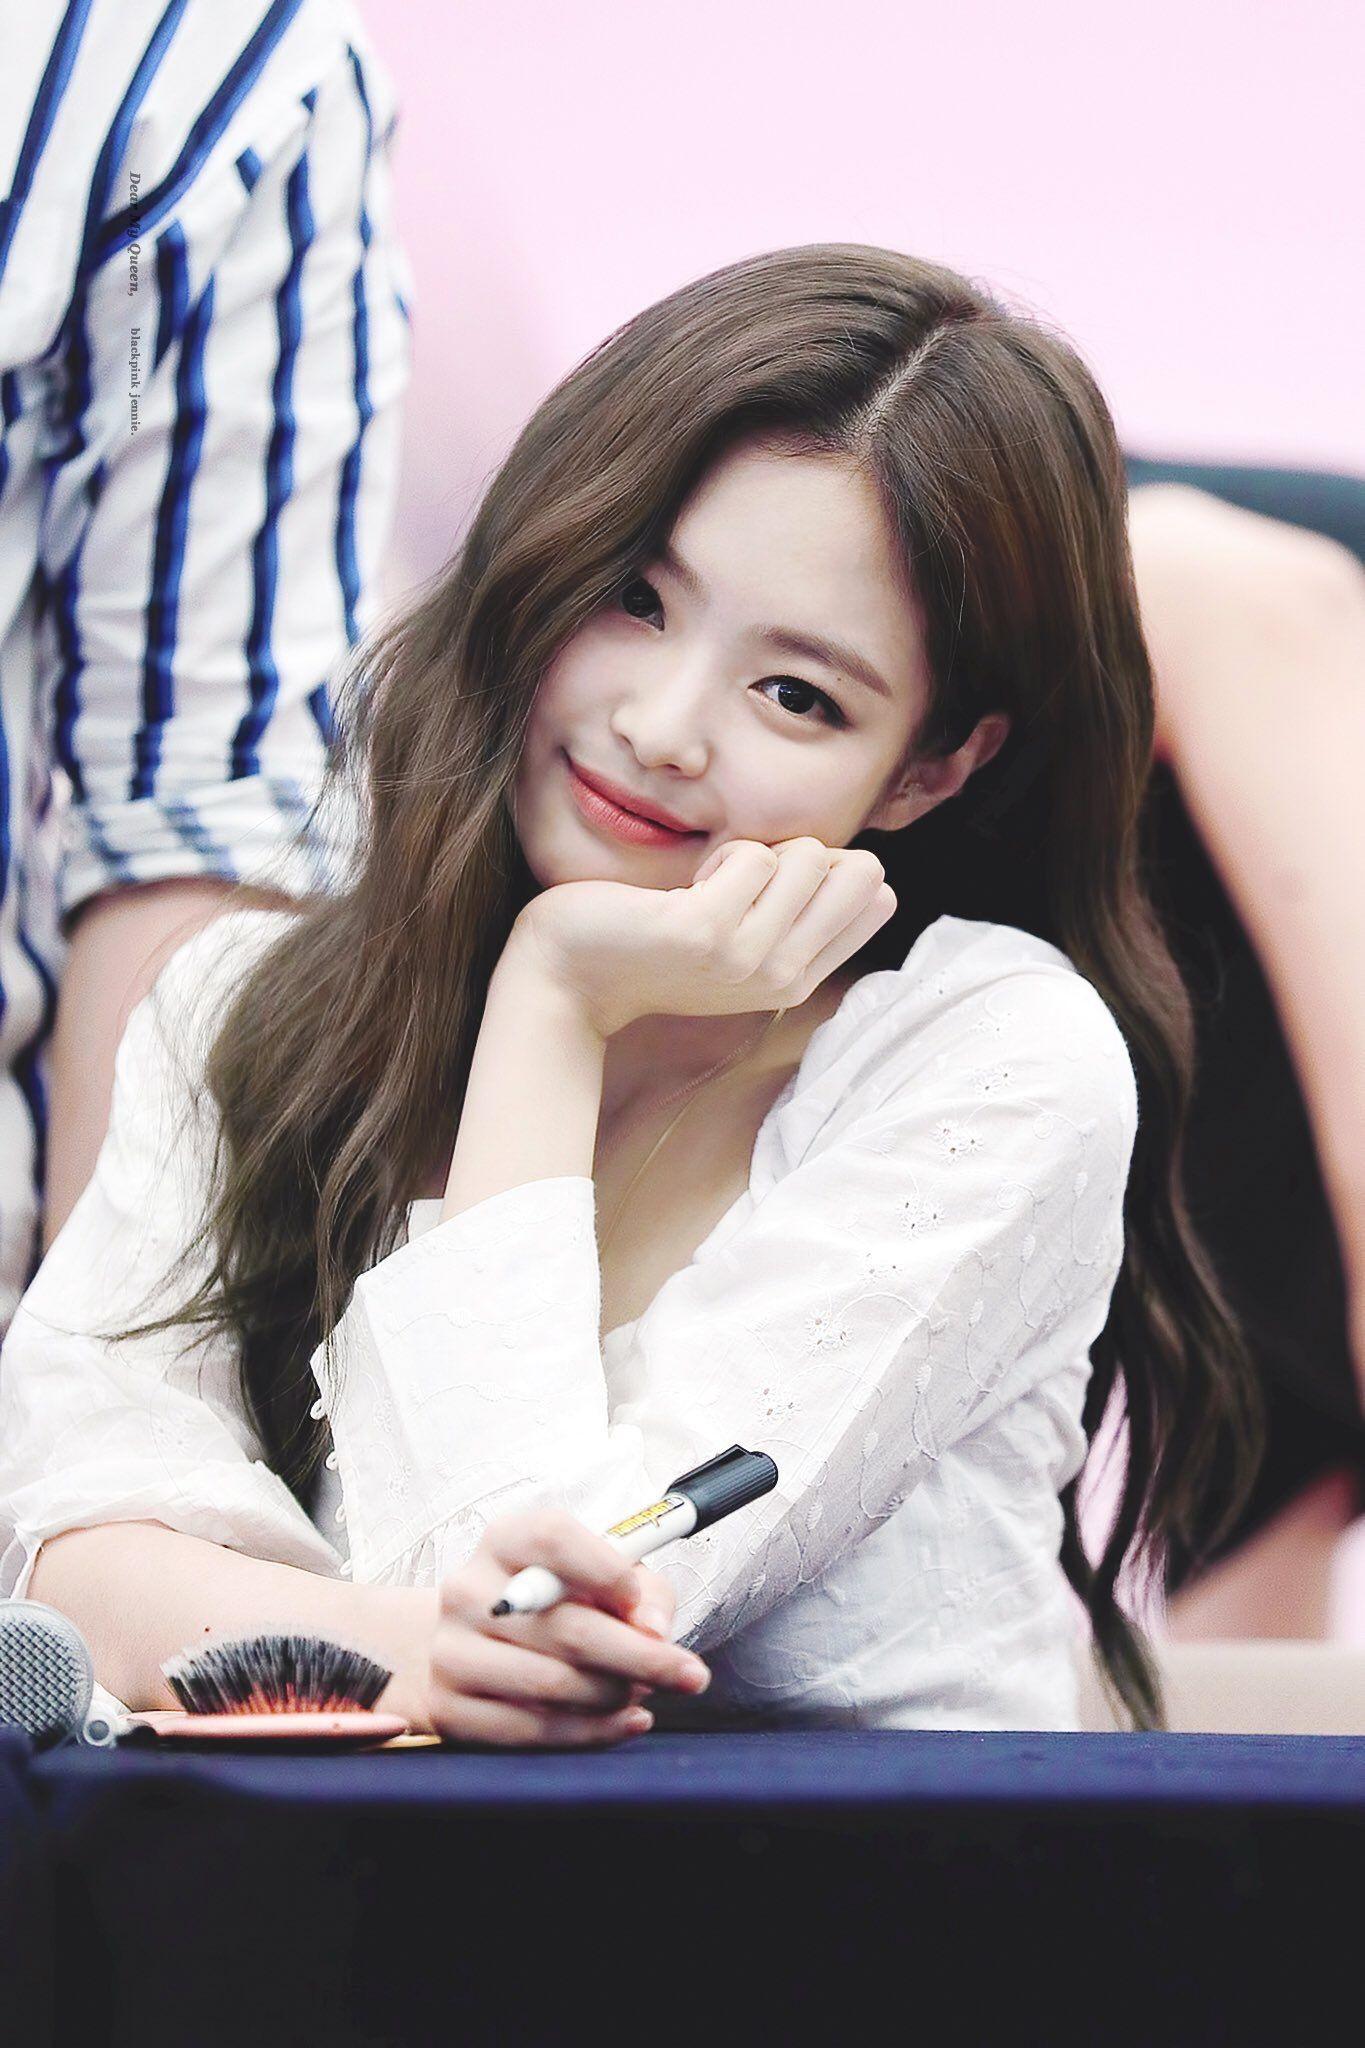 BXH idol nữ đẹp nhất ngoài đời do chính thần tượng bình chọn: Black Pink và Yoona xuất sắc, nhưng hạng 1 mới bất ngờ - Ảnh 14.